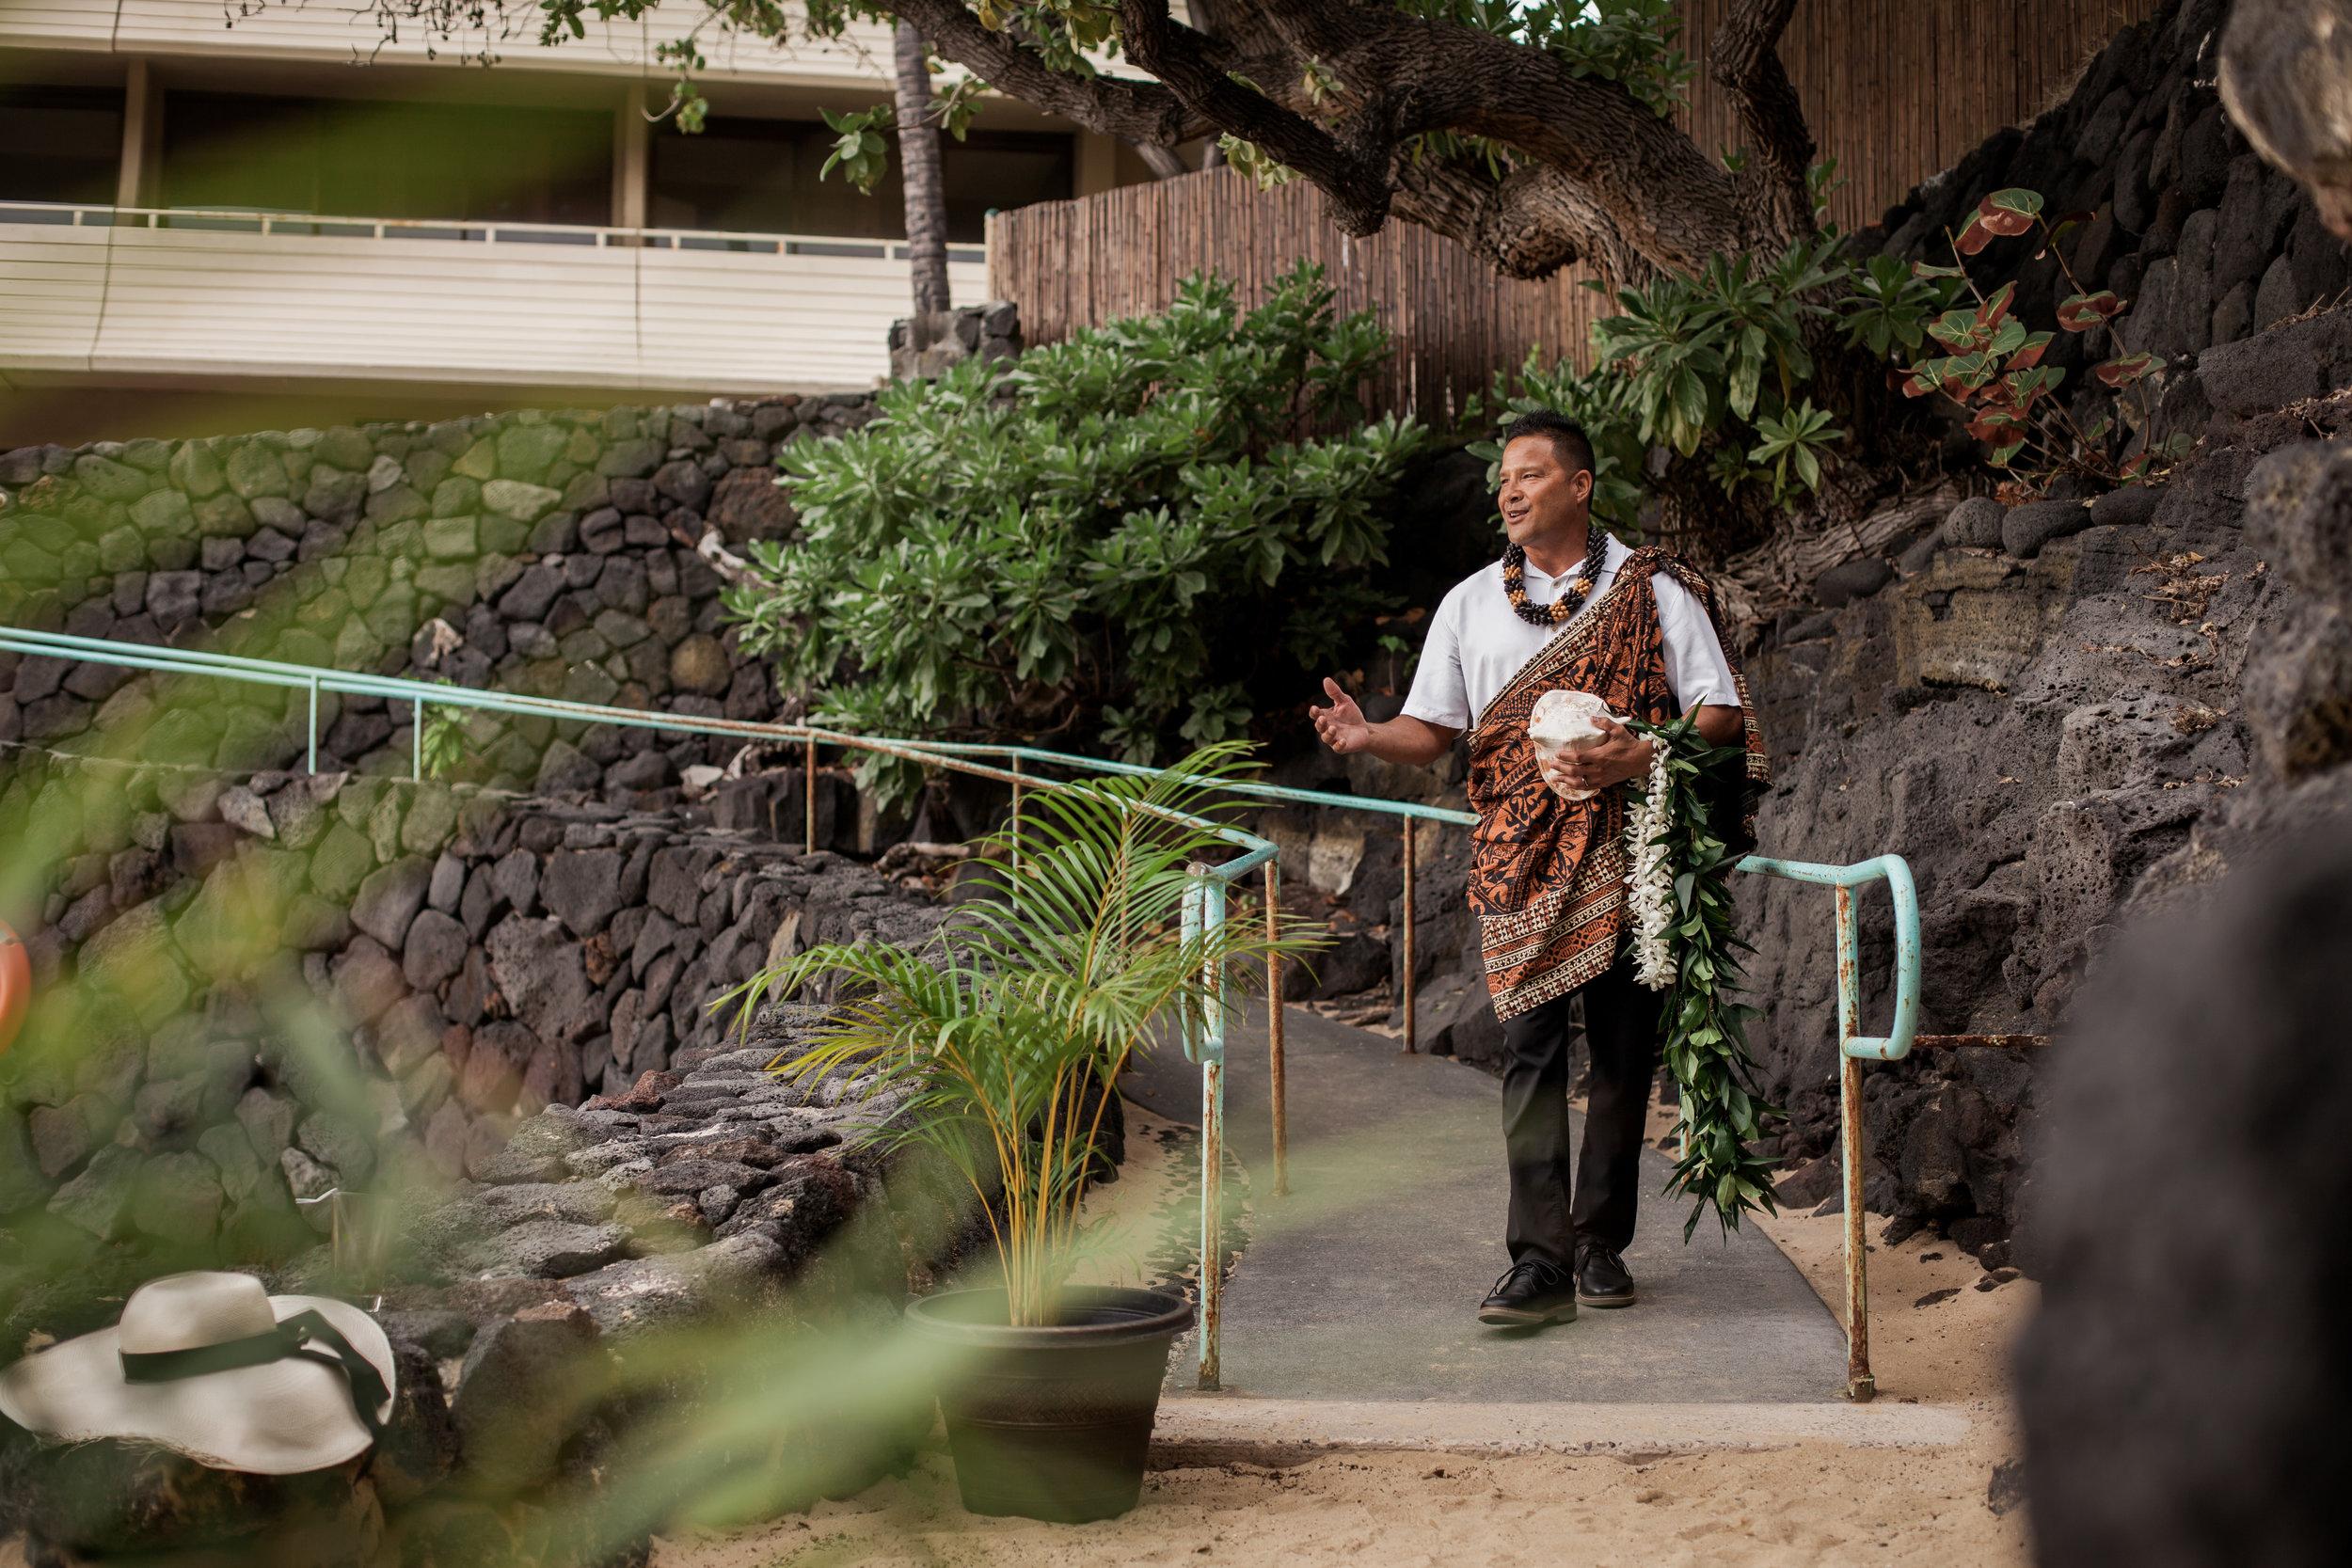 big island hawaii royal kona resort beach wedding © kelilina photography 20170520164810.jpg